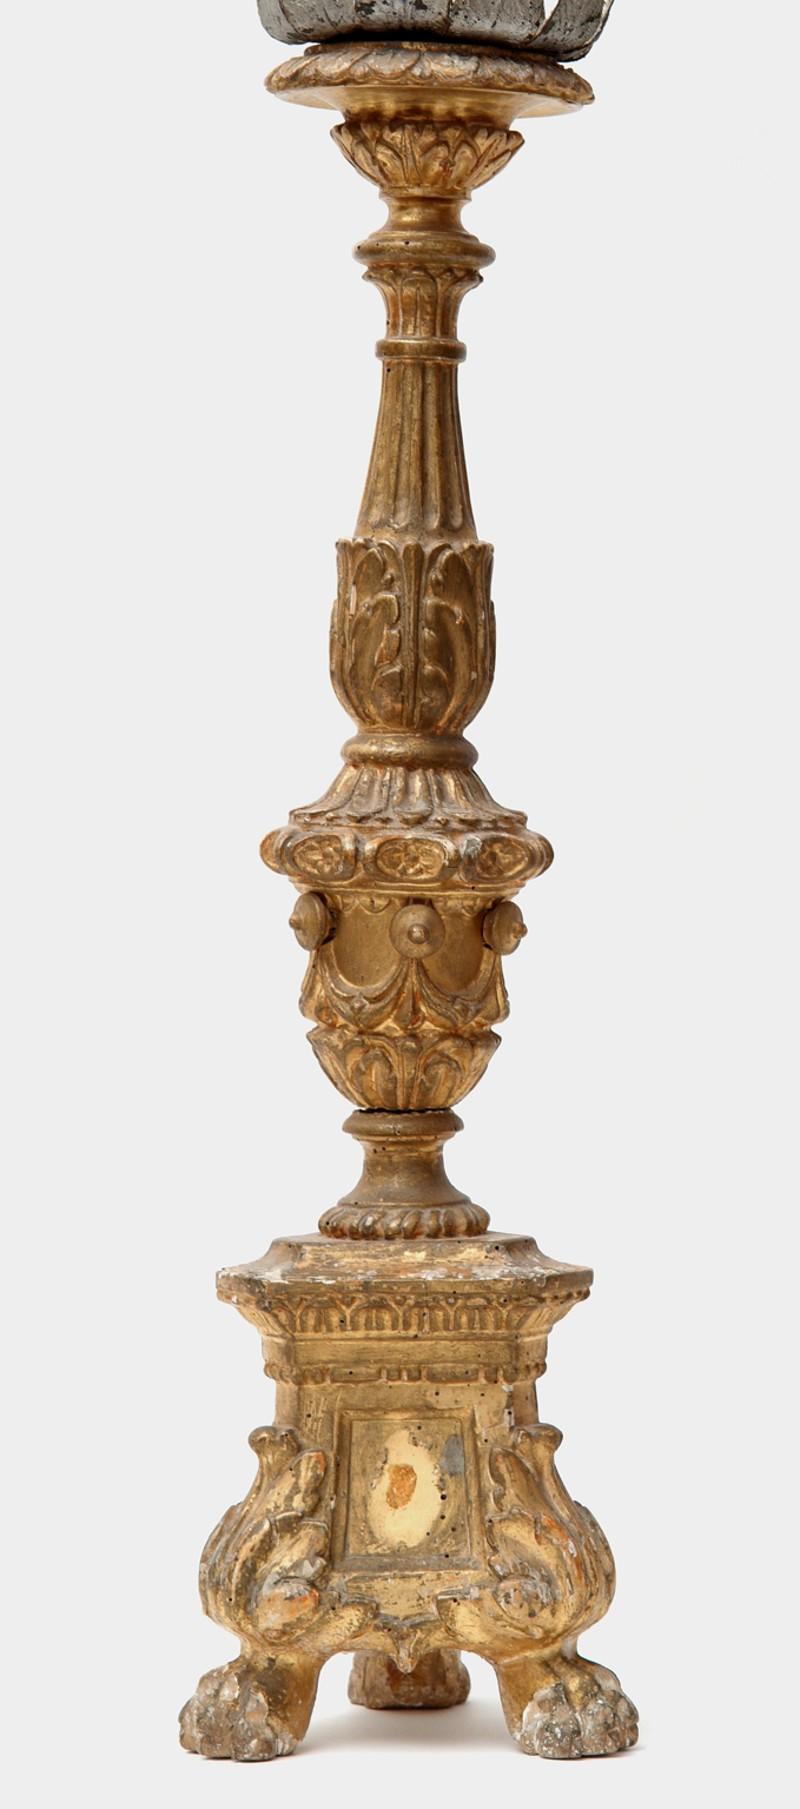 Artigianato veronese sec. XIX, Candeliere d'altare con drappi cm 58 1/4